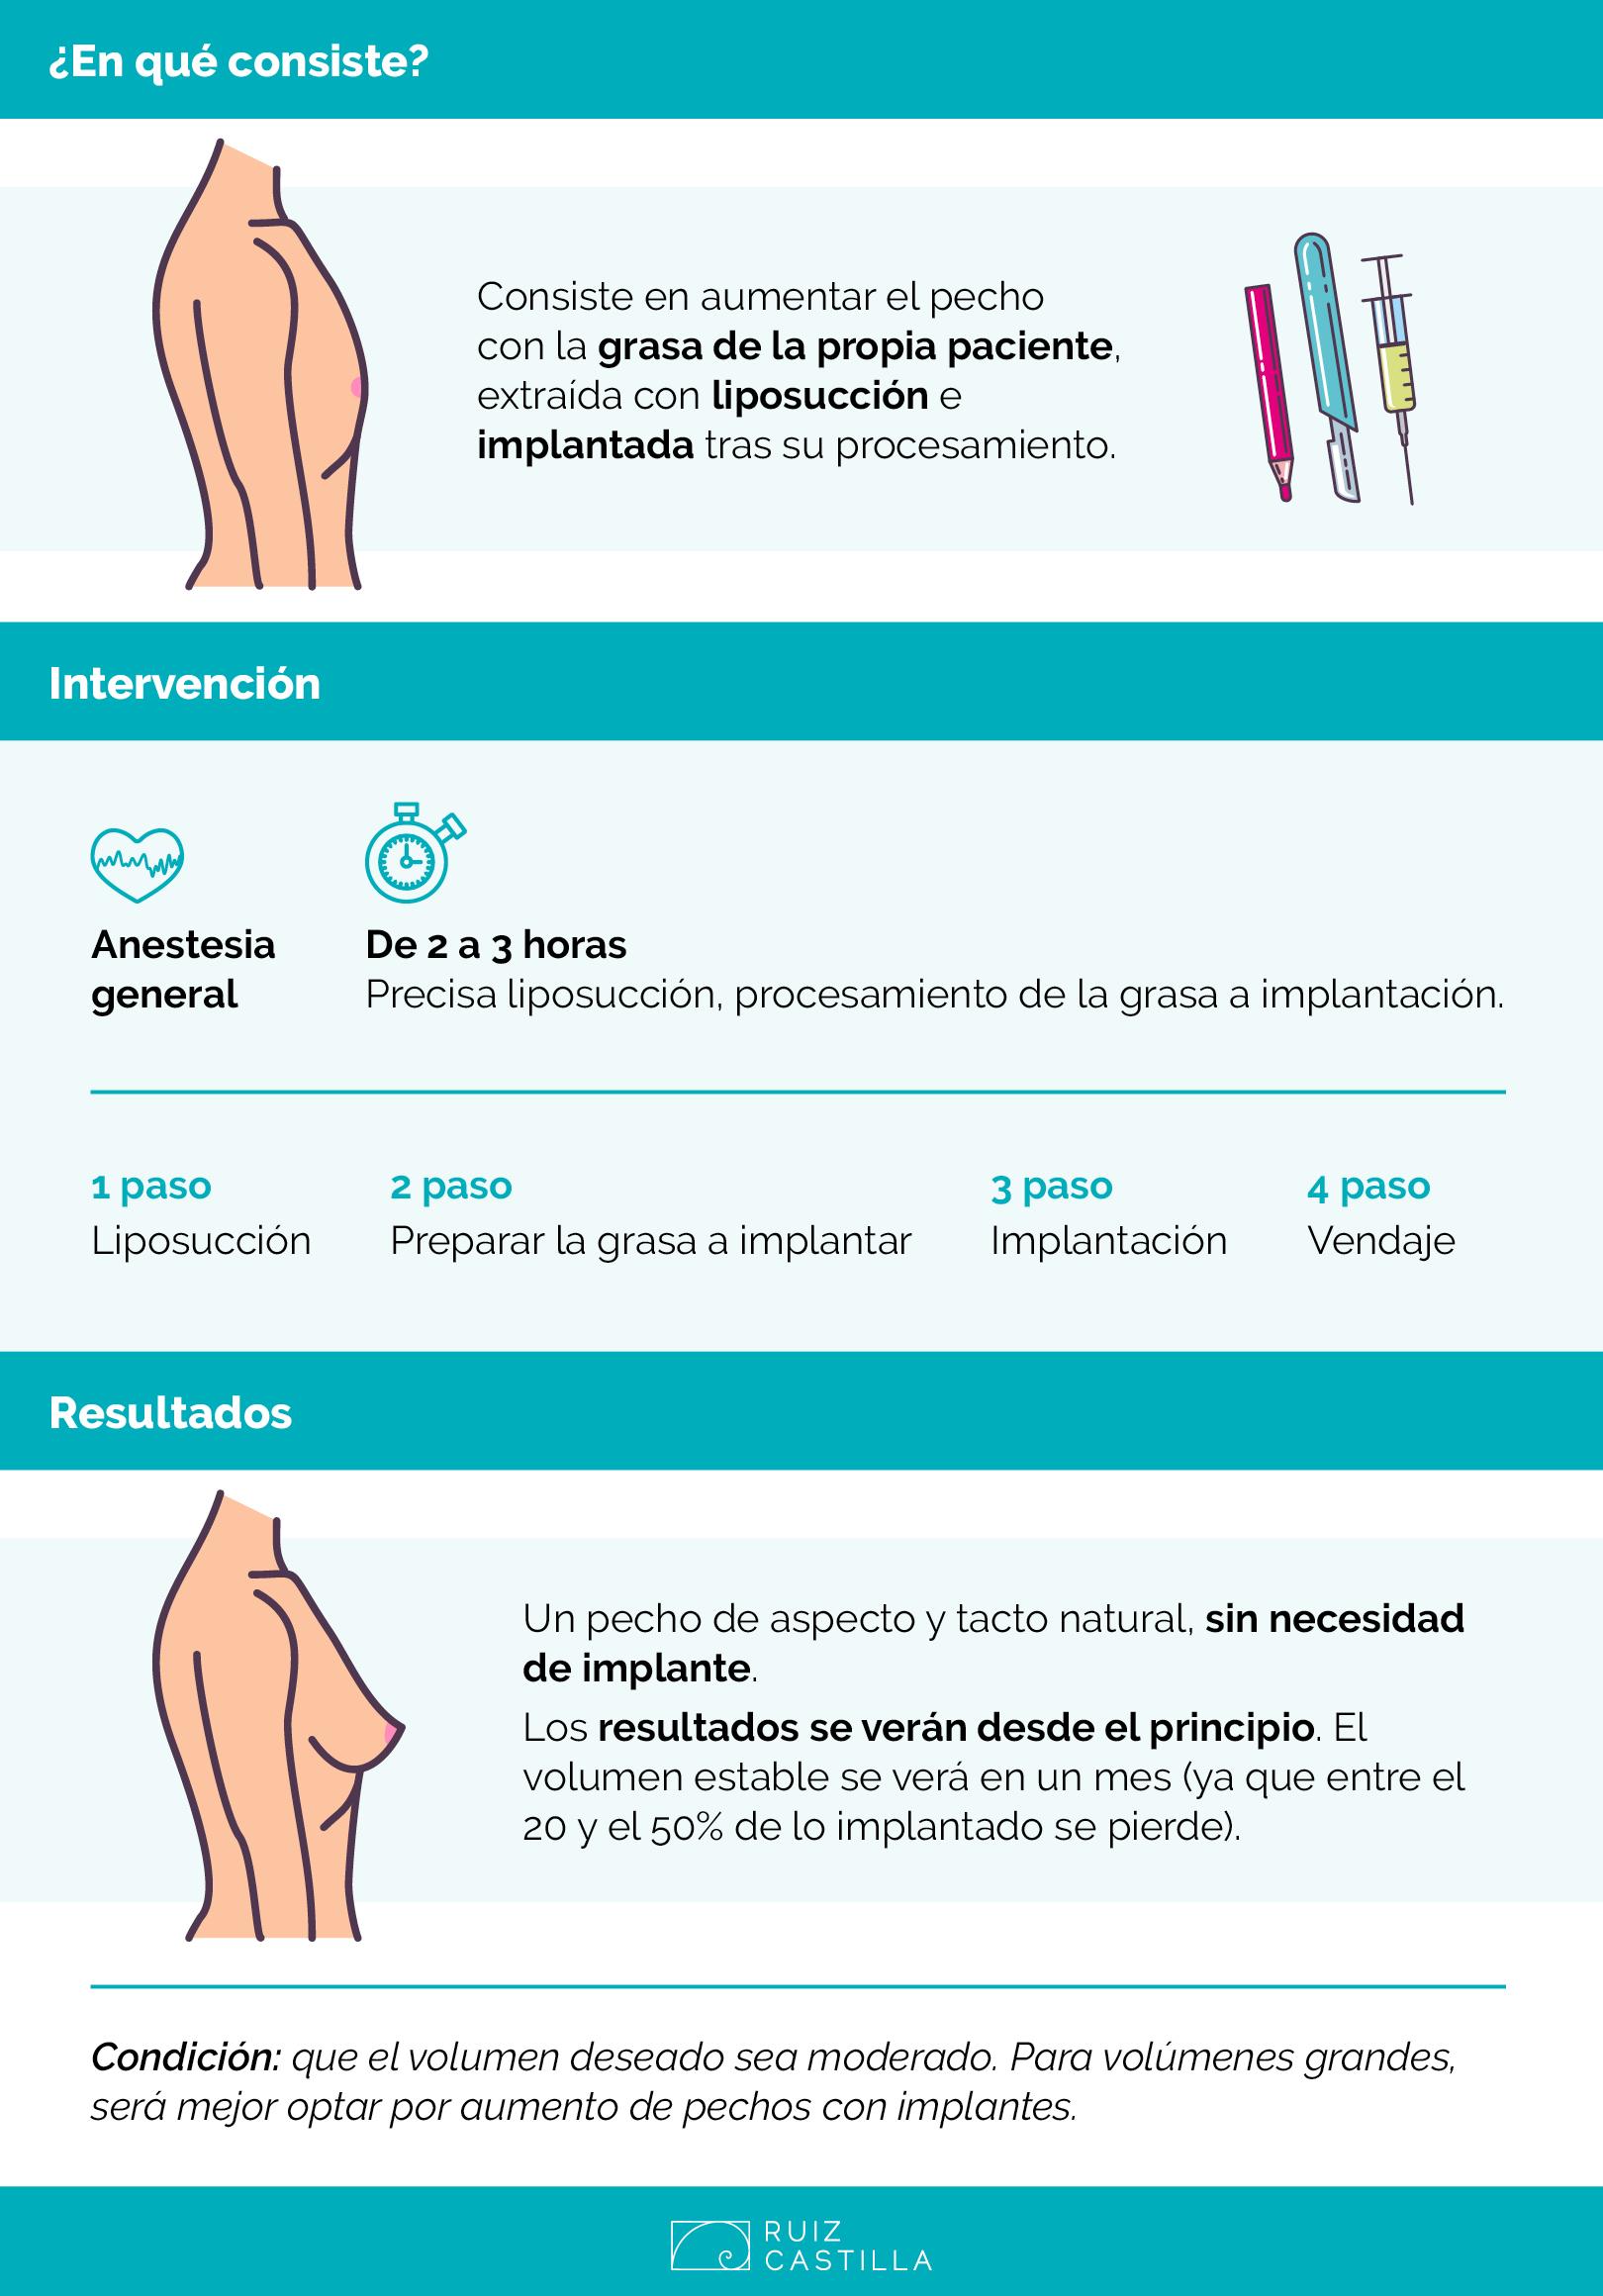 AUMENTO DE PECHO INFOGRAFIA RC 2 - El aumento de pecho con grasa propia